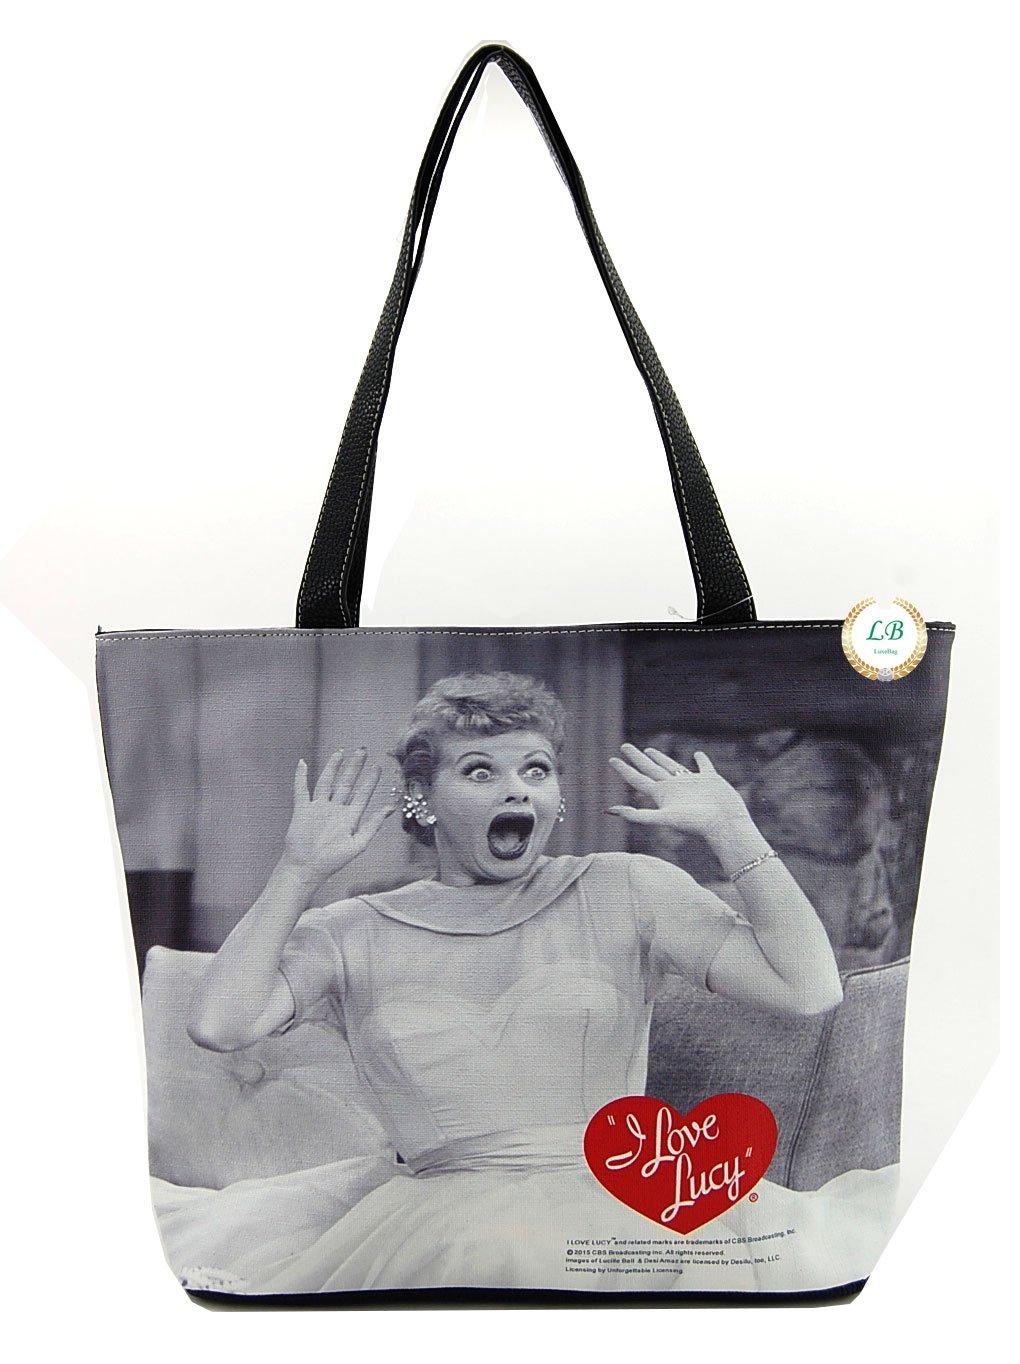 I love Lucy Large Tote Bag, Licensed Handbag (Black)